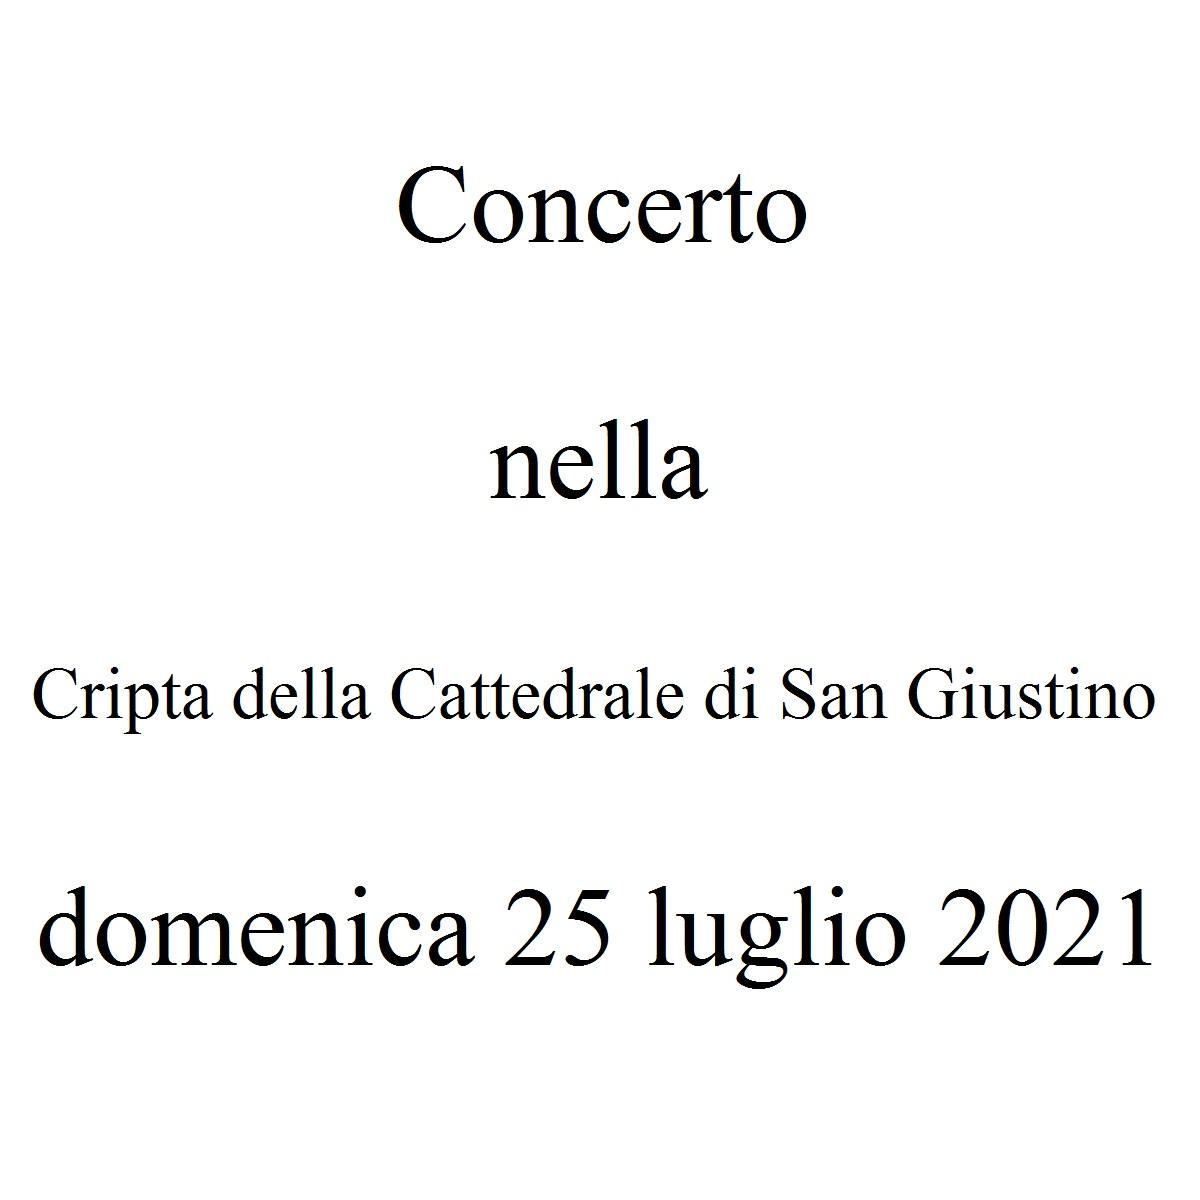 Concerto nella Cripta della Cattedrale di San Giustino domenica 25 luglio 2021 foto